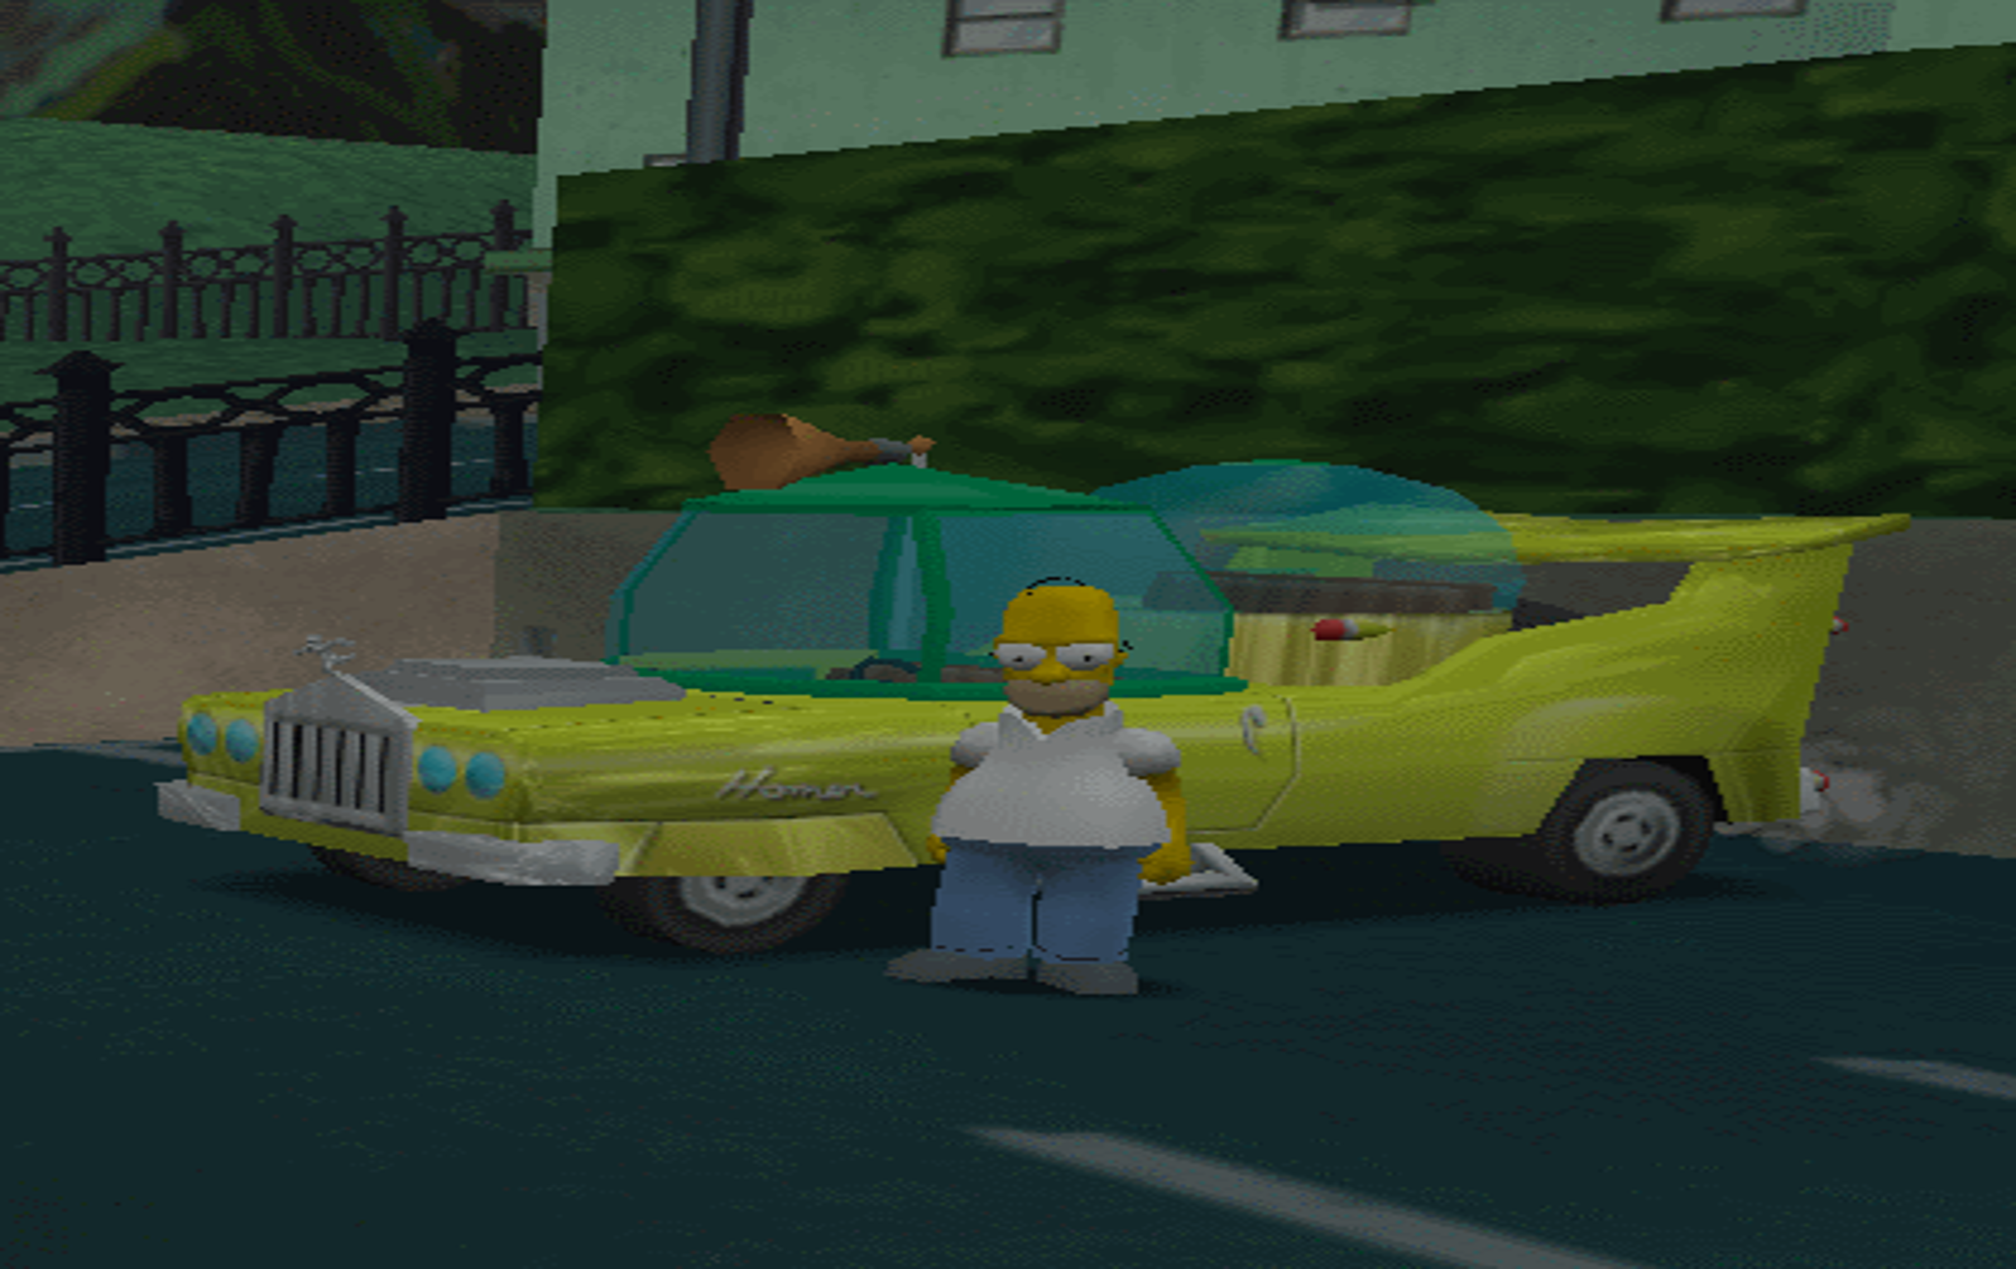 File:Car Built For Homer.png